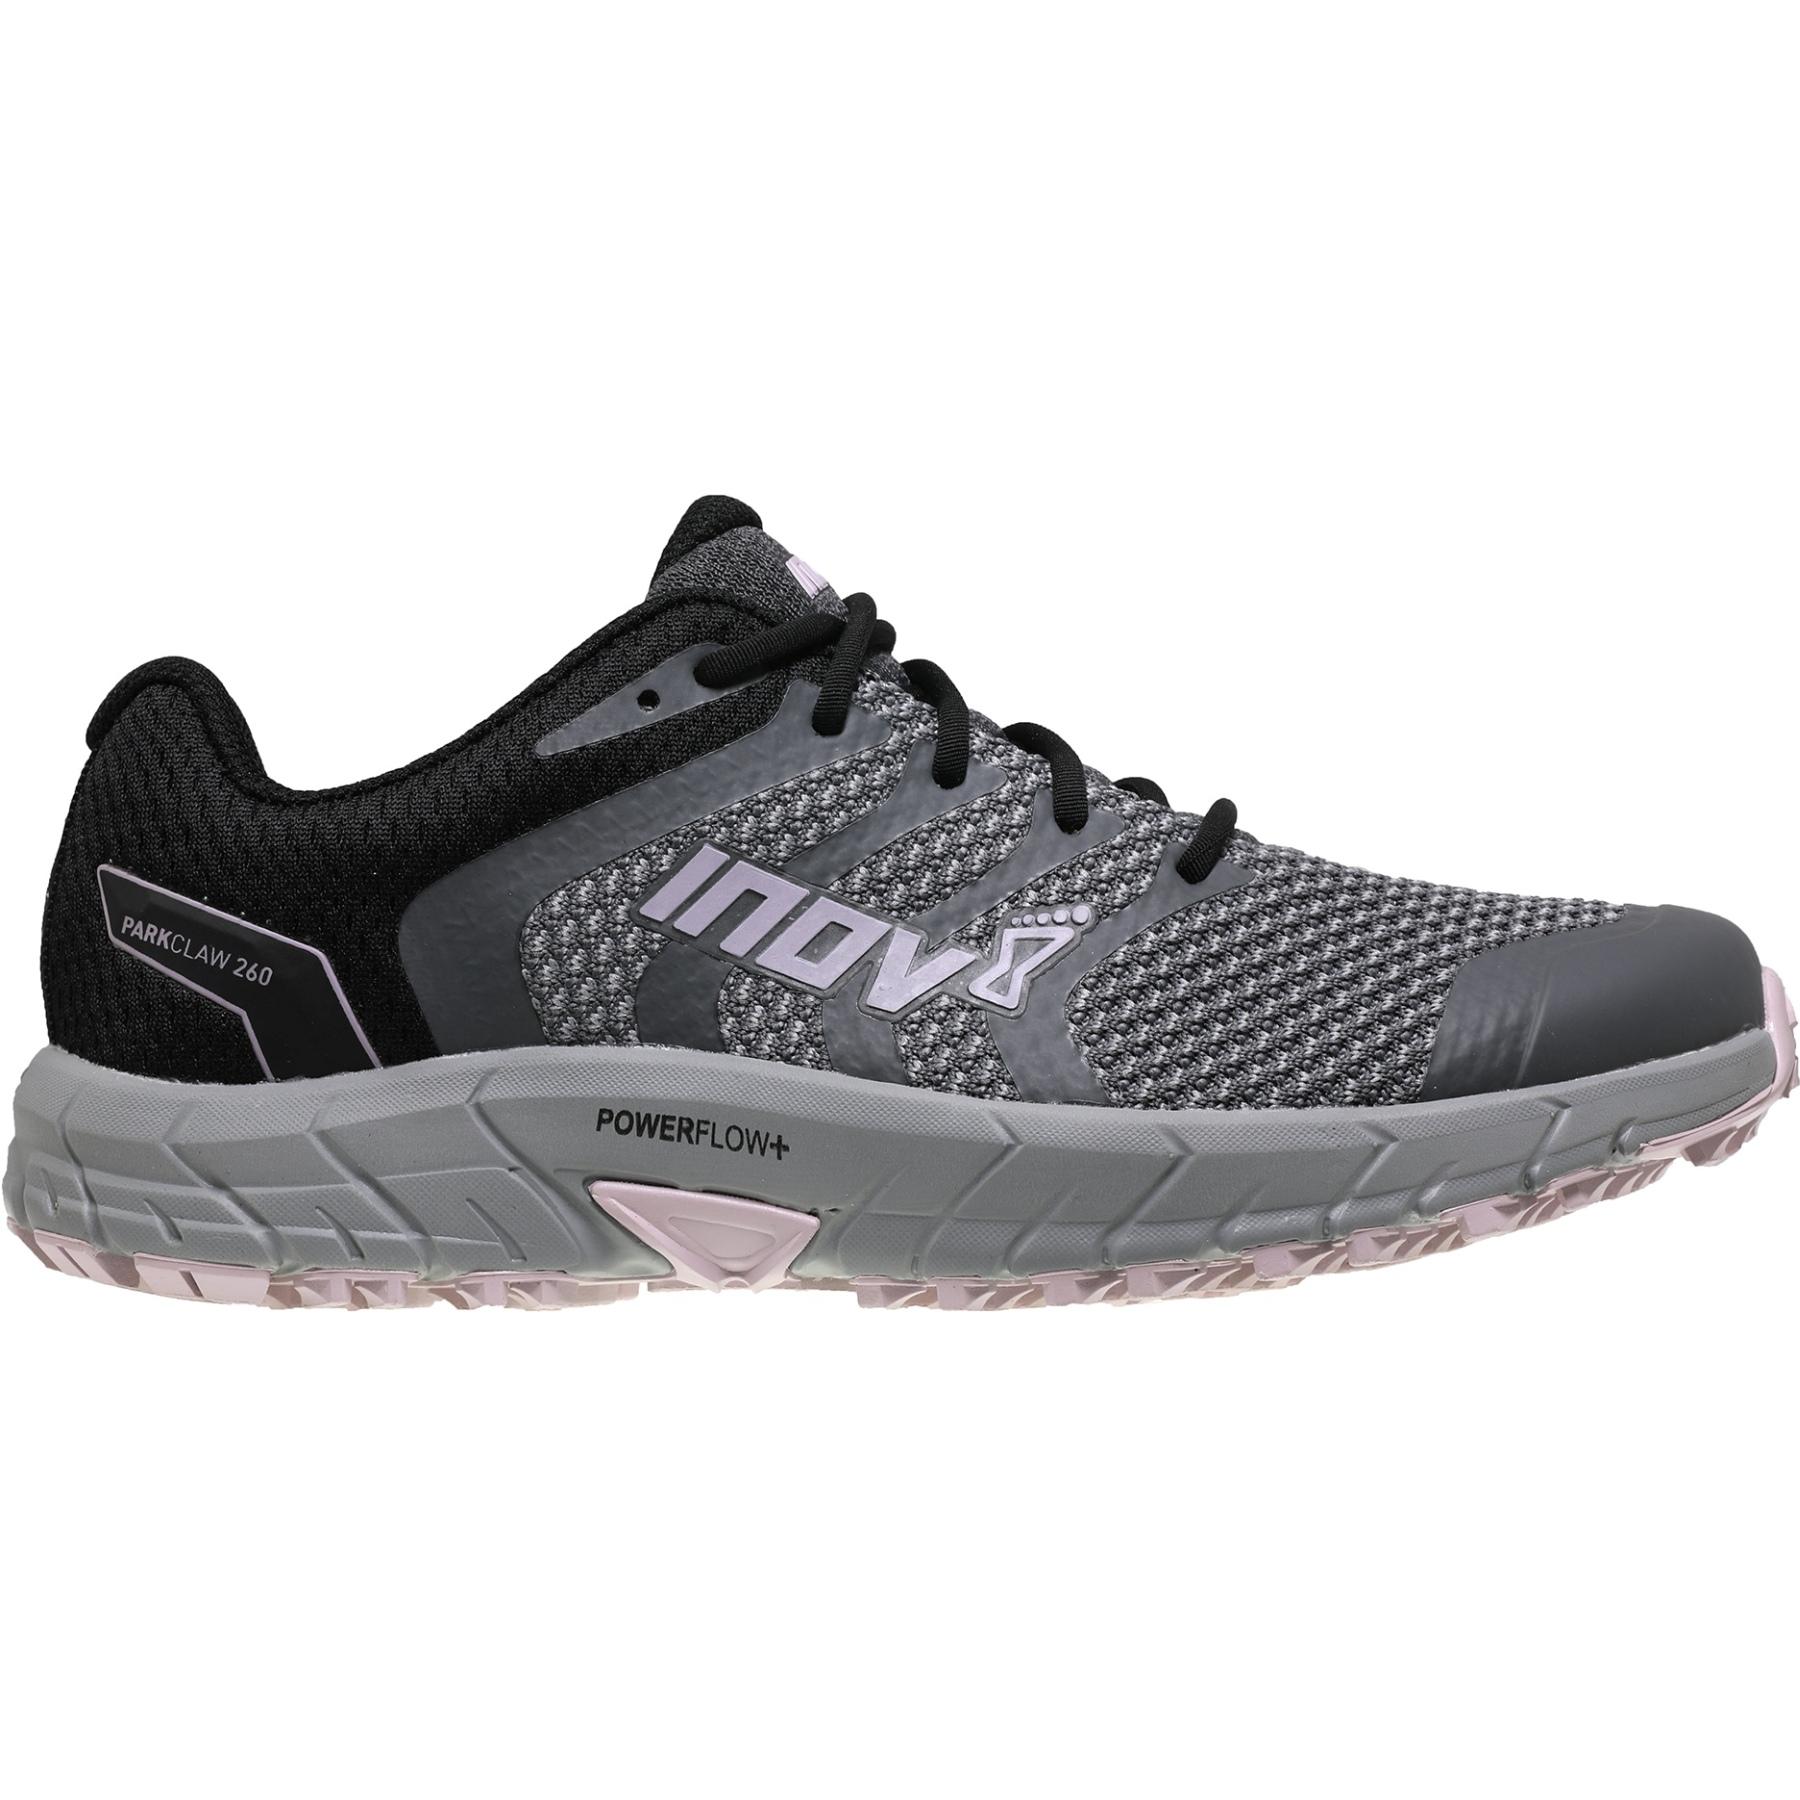 Produktbild von Inov-8 Parkclaw™ 260 Knit (W) Damen Laufschuhe - grey/black/pink